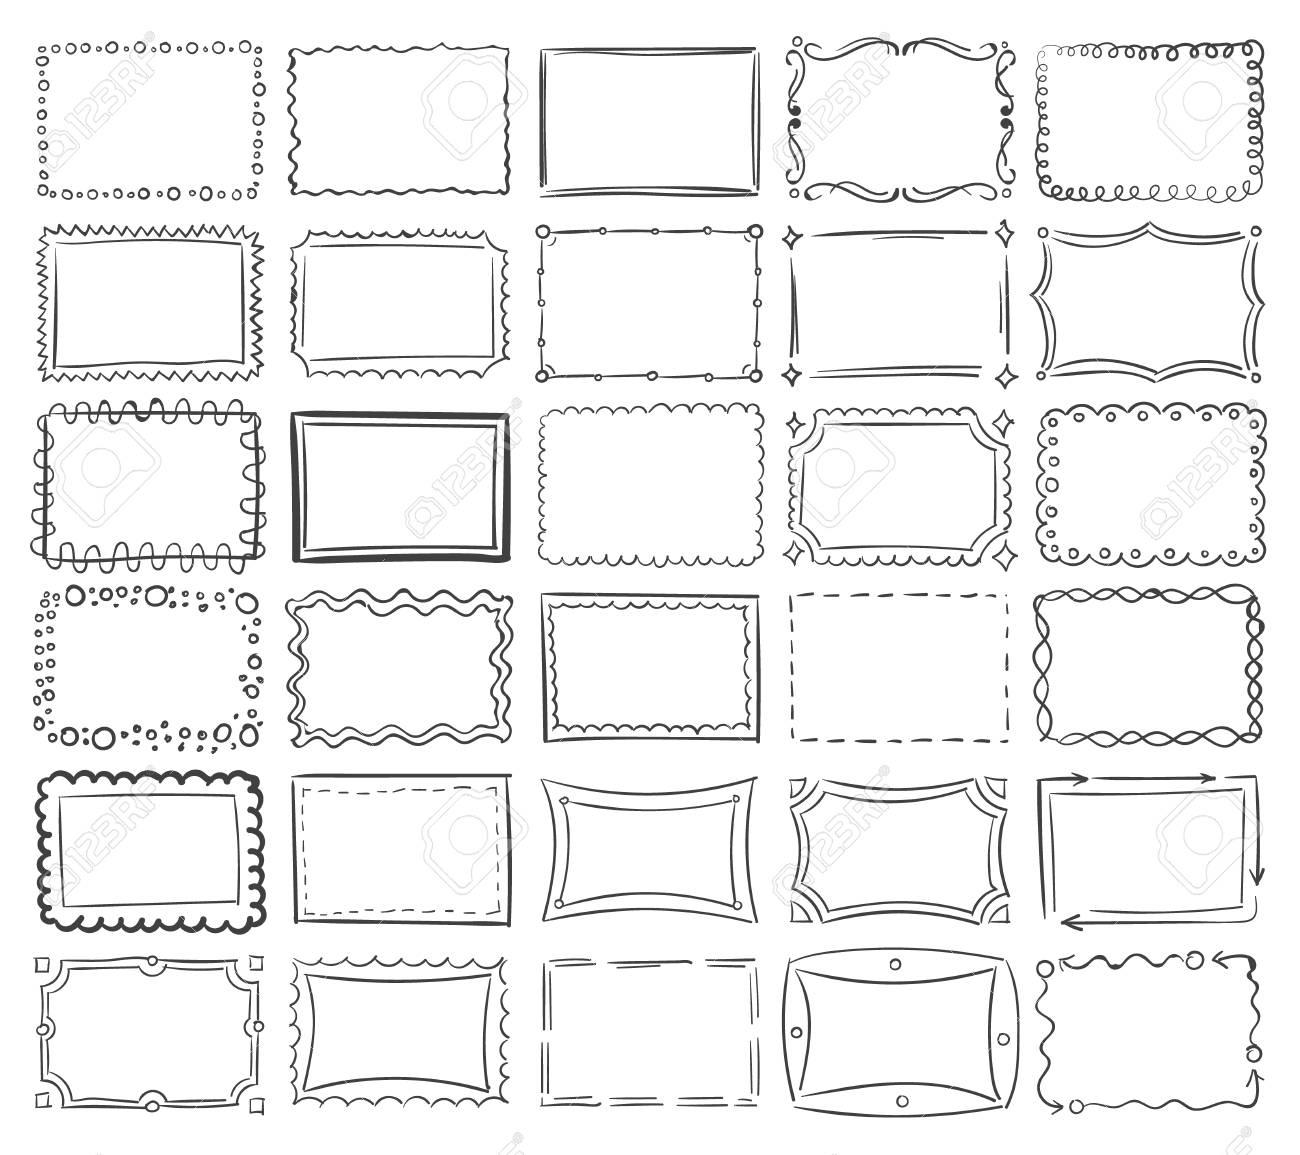 Simple doodle, sketch square vector frames. Abstract frame sketch of set illustration - 67279422